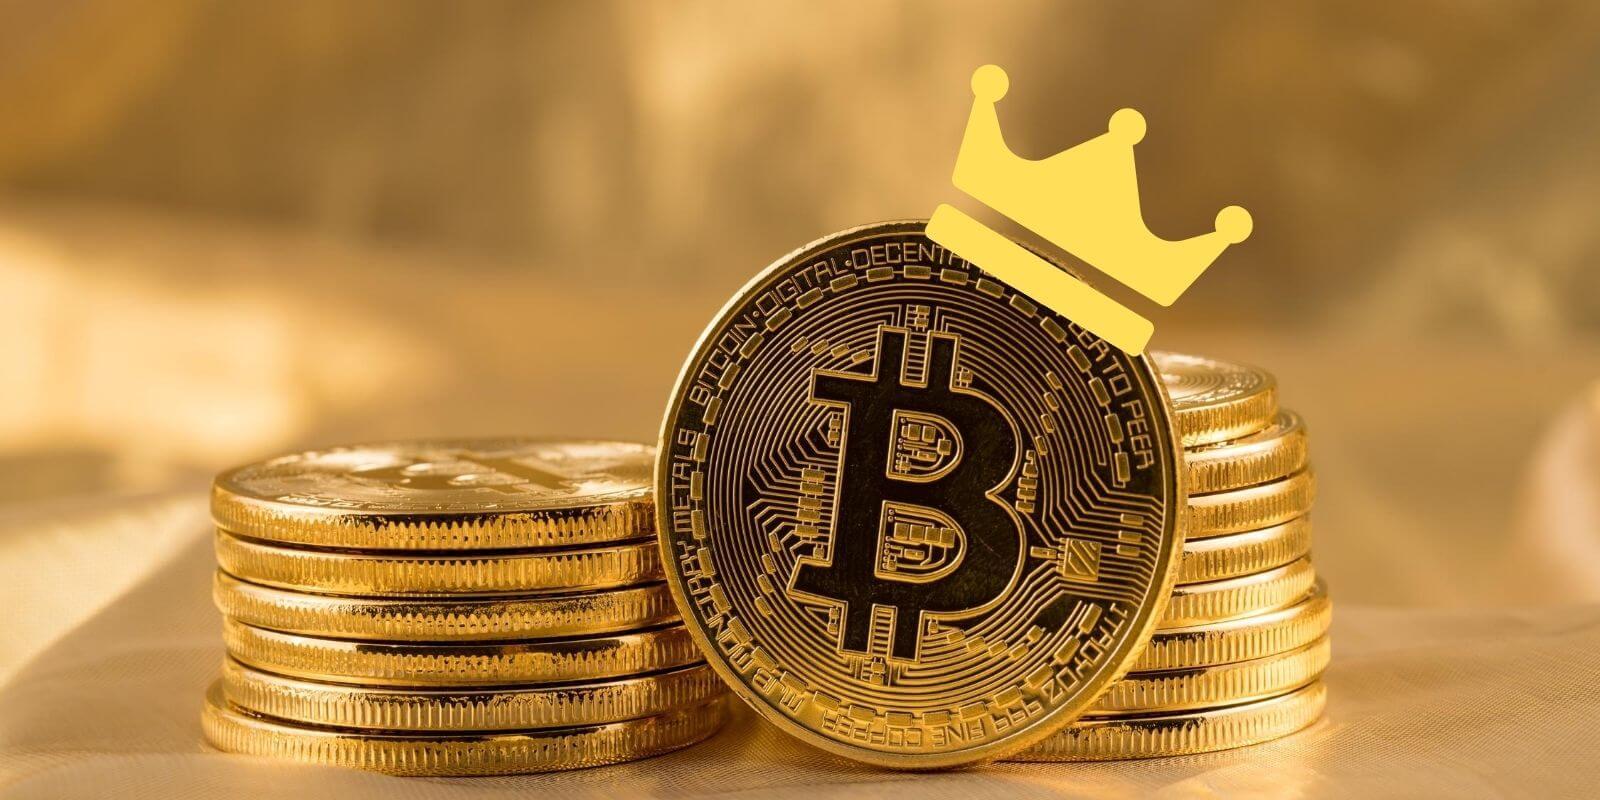 La domination du Bitcoin (BTC) chute face à la progression des altcoins